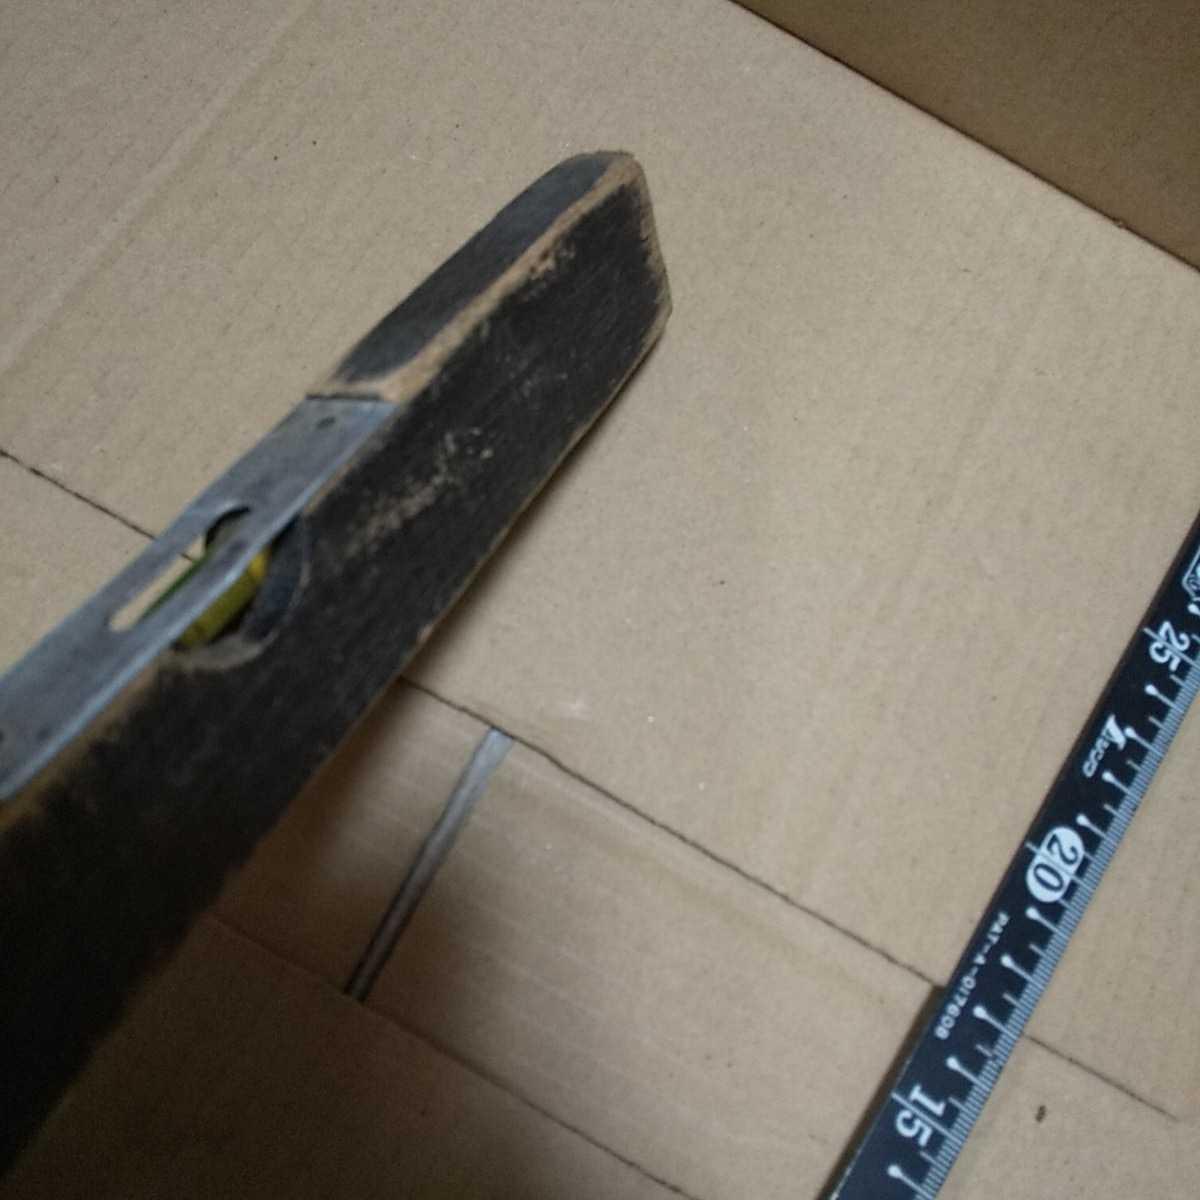 大工道具 アンティーク 水平器 ジャンク 昭和 レトロ 古い コレクション 古道具 送料無料_画像3